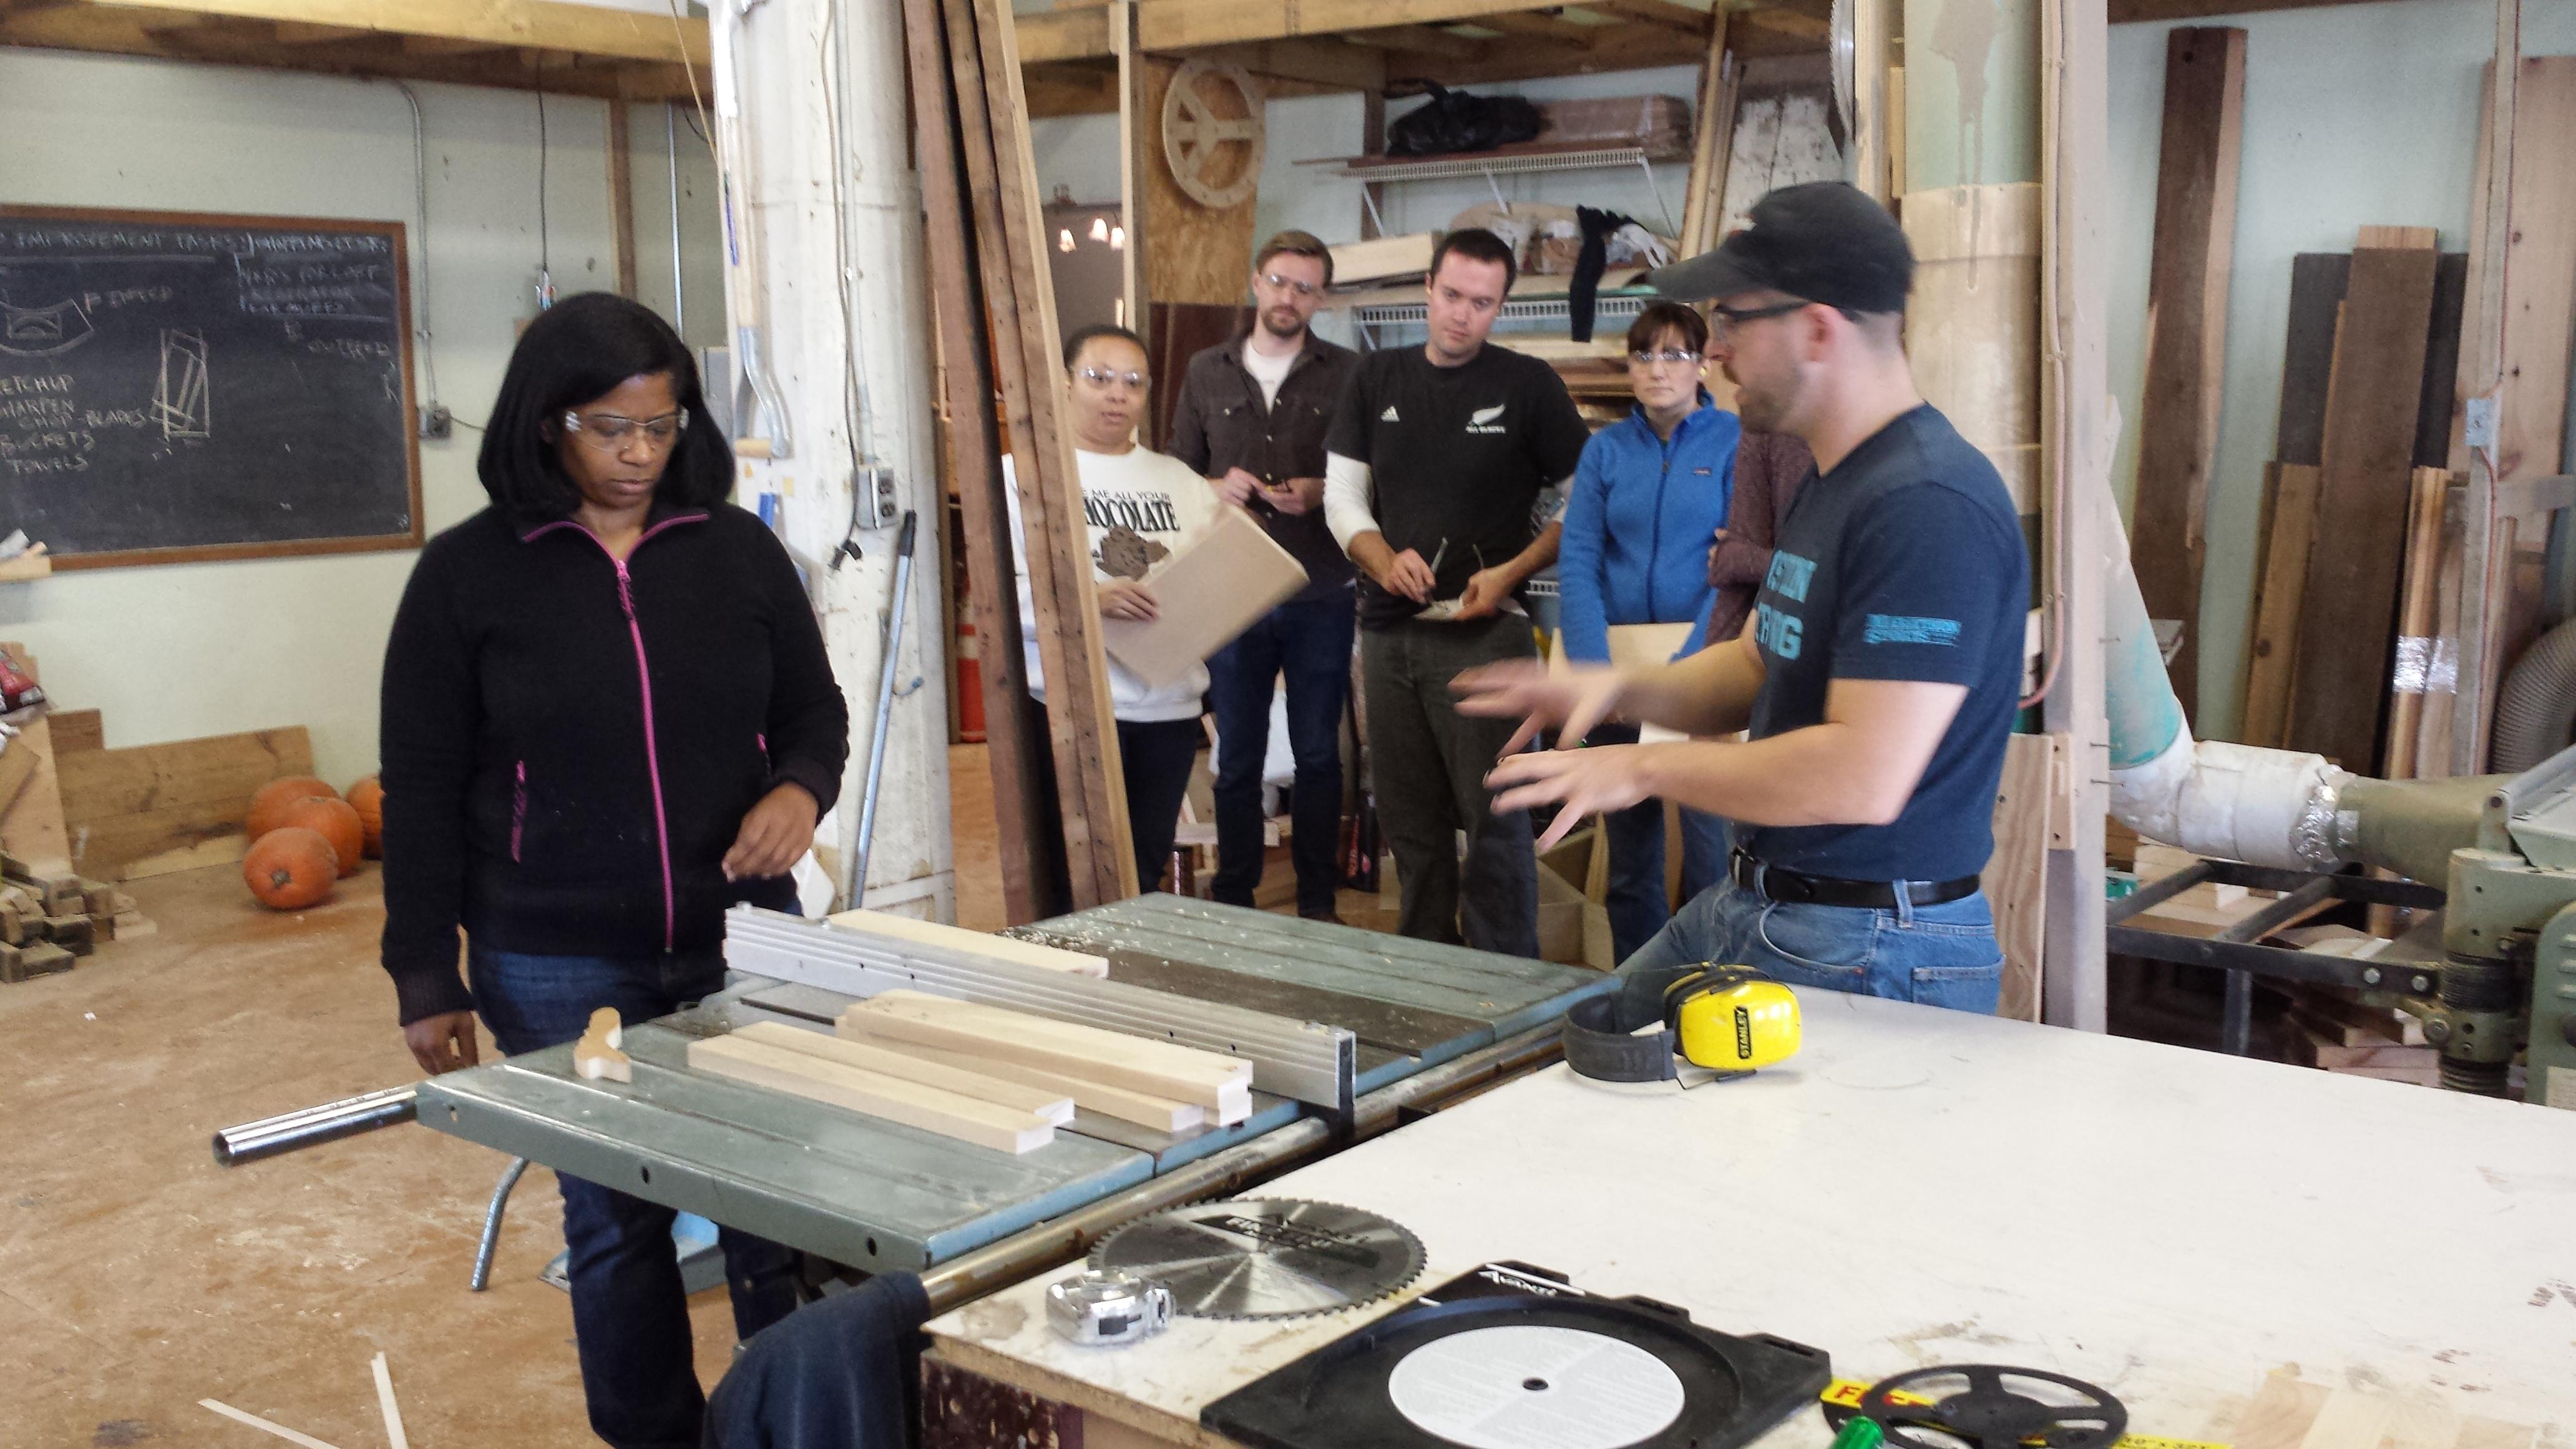 Dabble Woodworker Seeking a Workshop